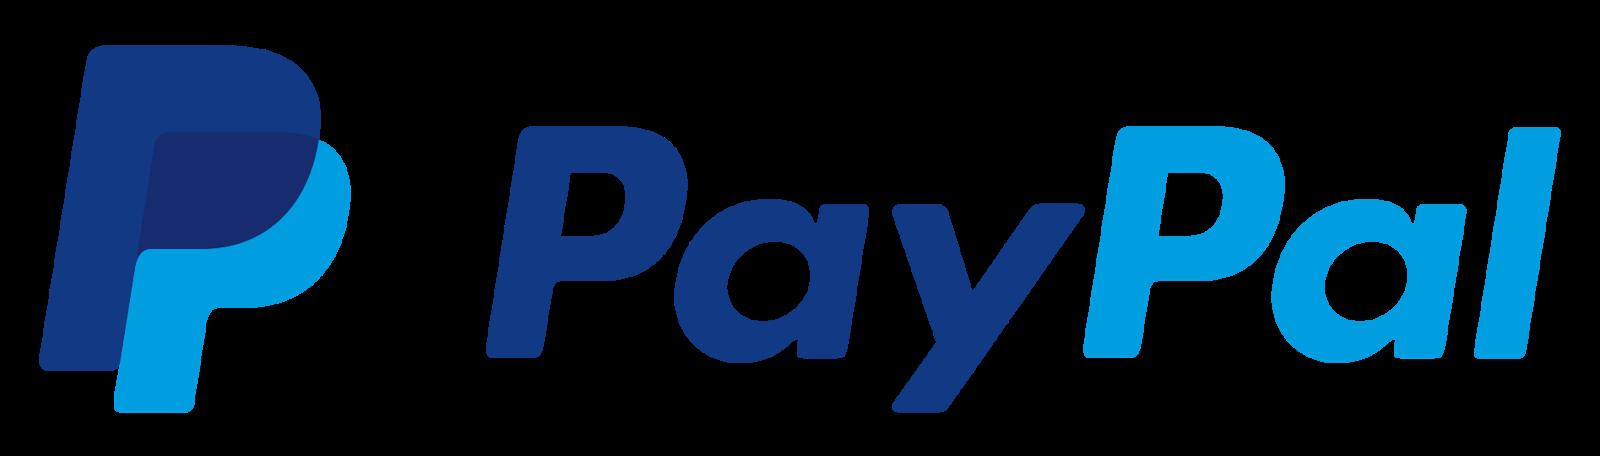 Säkra betalningar med Paypal - inget Paypal-konto behövs